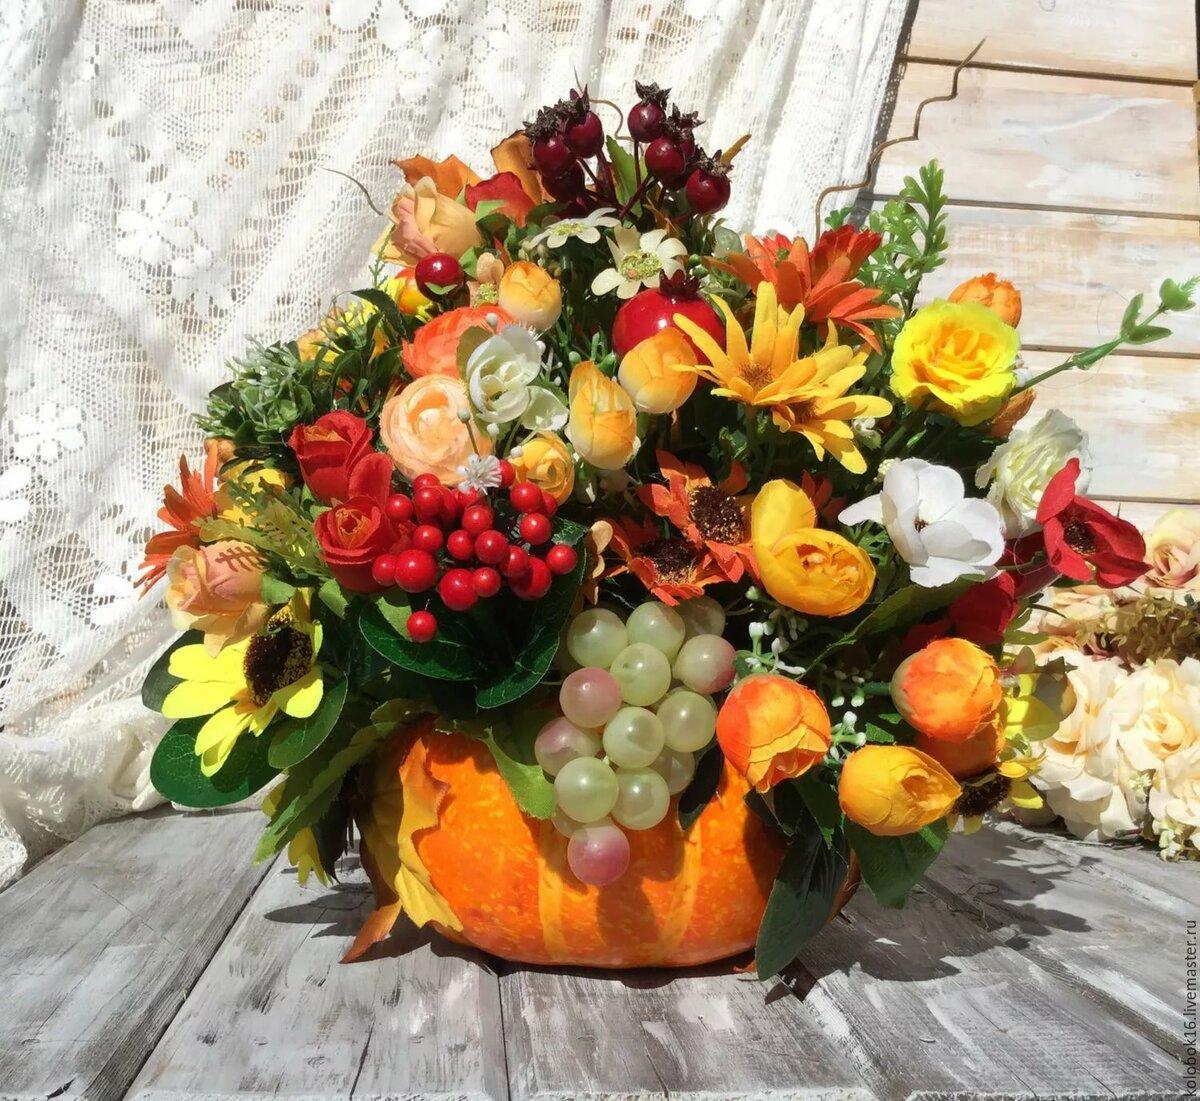 Купить, композиции букетов из осенних цветов фото